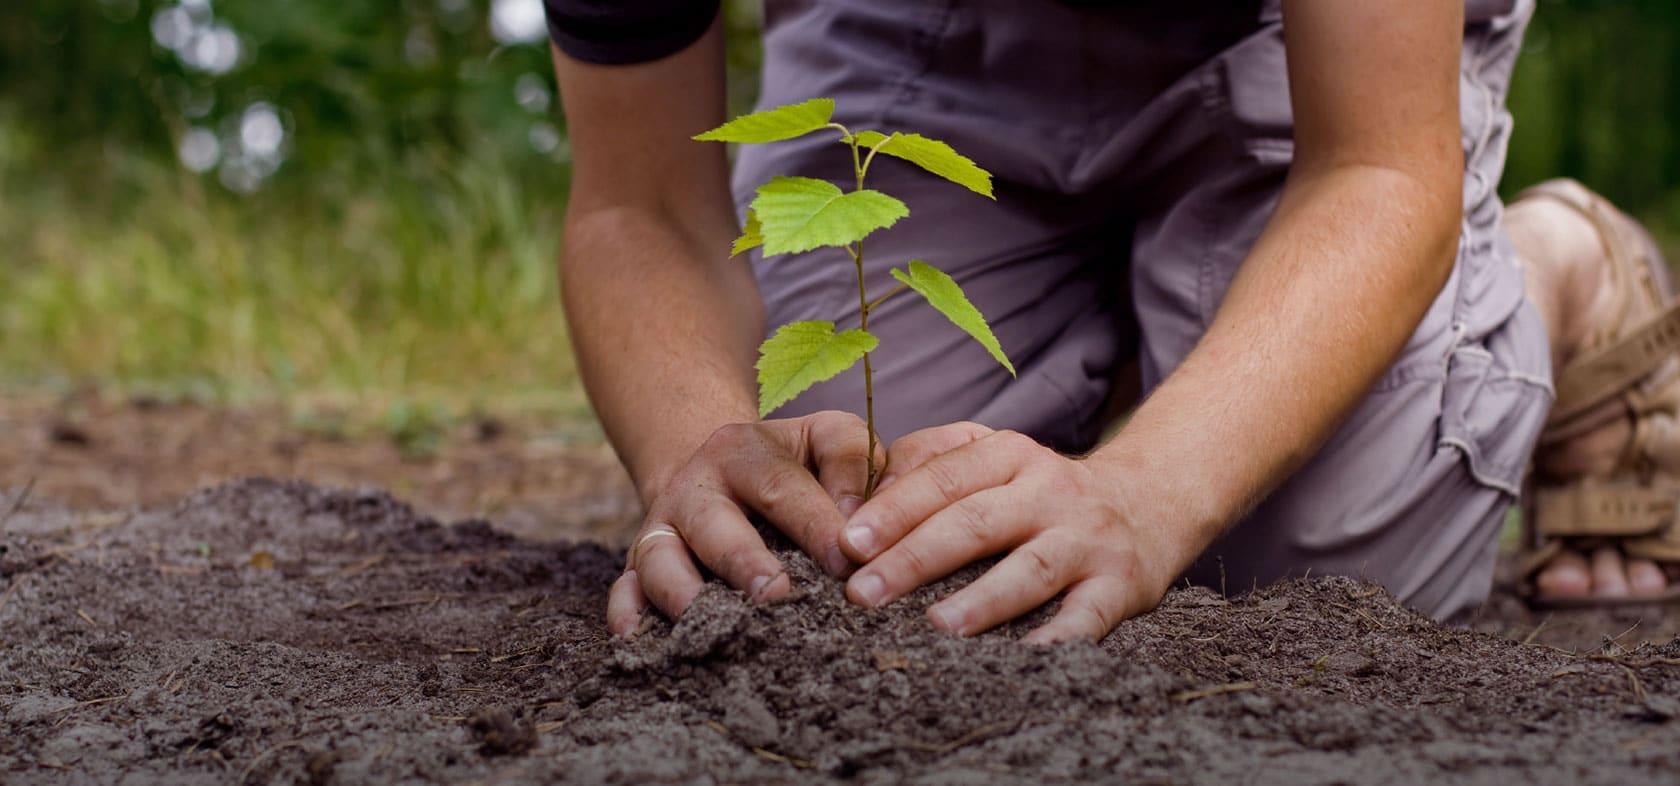 Plantando árboles.